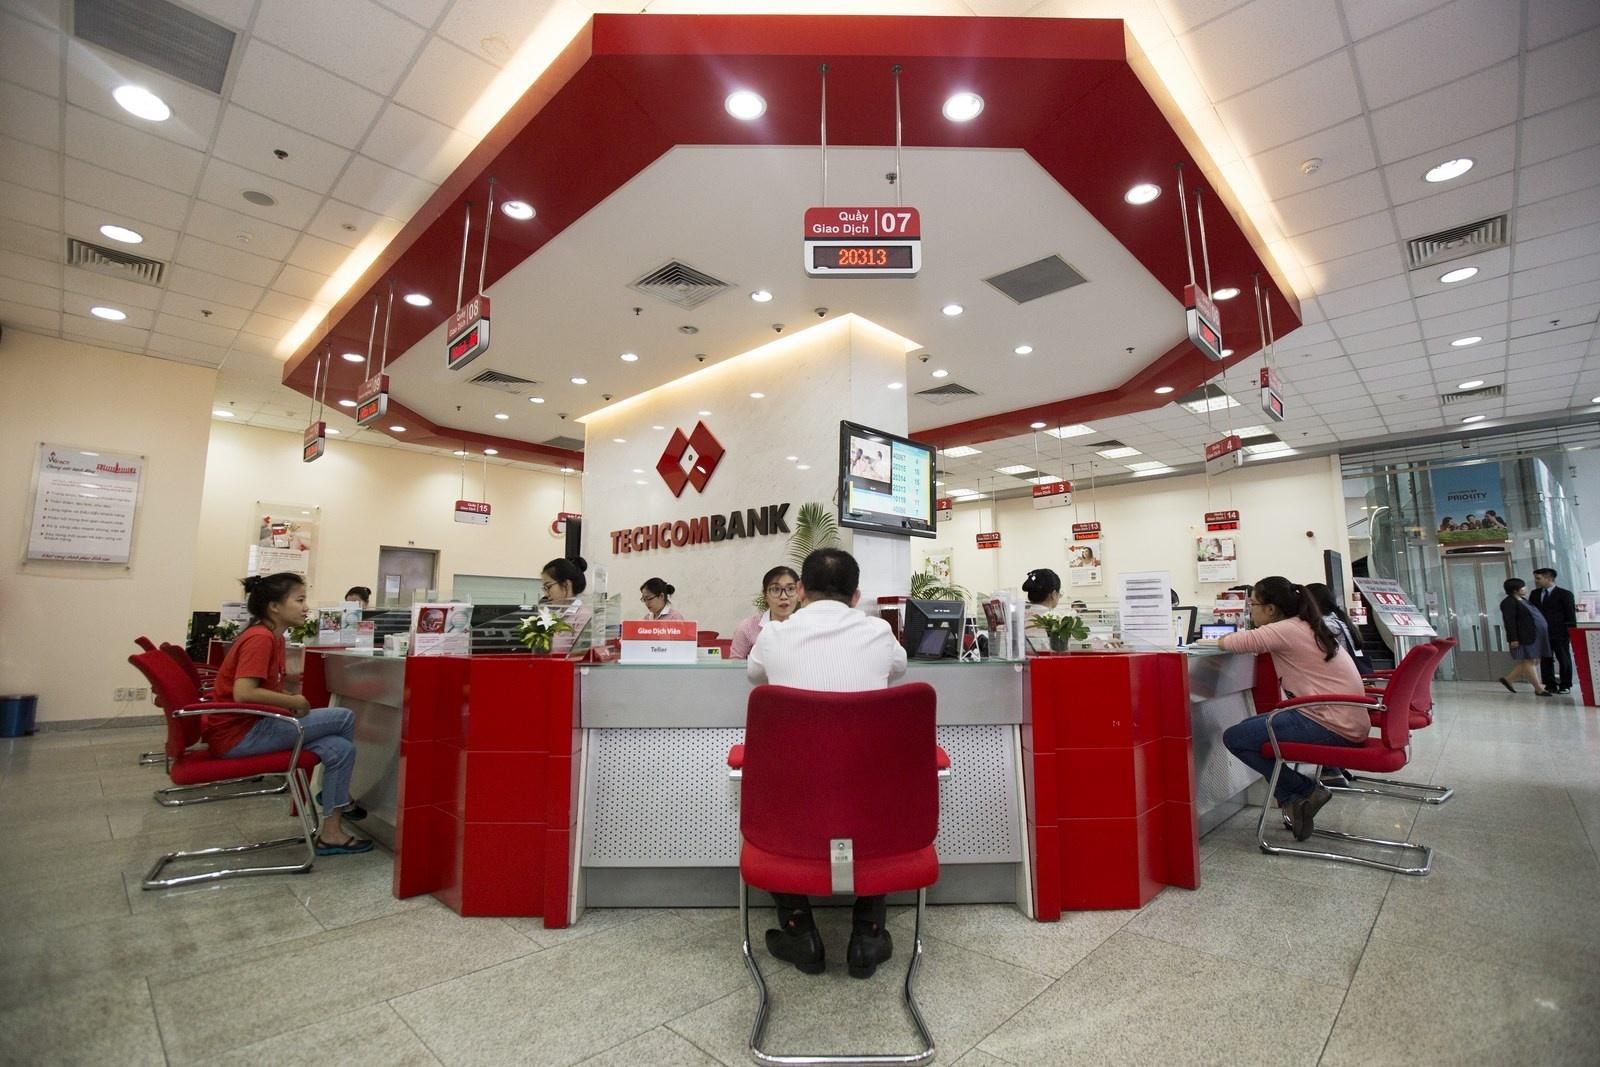 techcombank tien phong cloud first cung aws nham chuyen doi trai nghiem khach hang